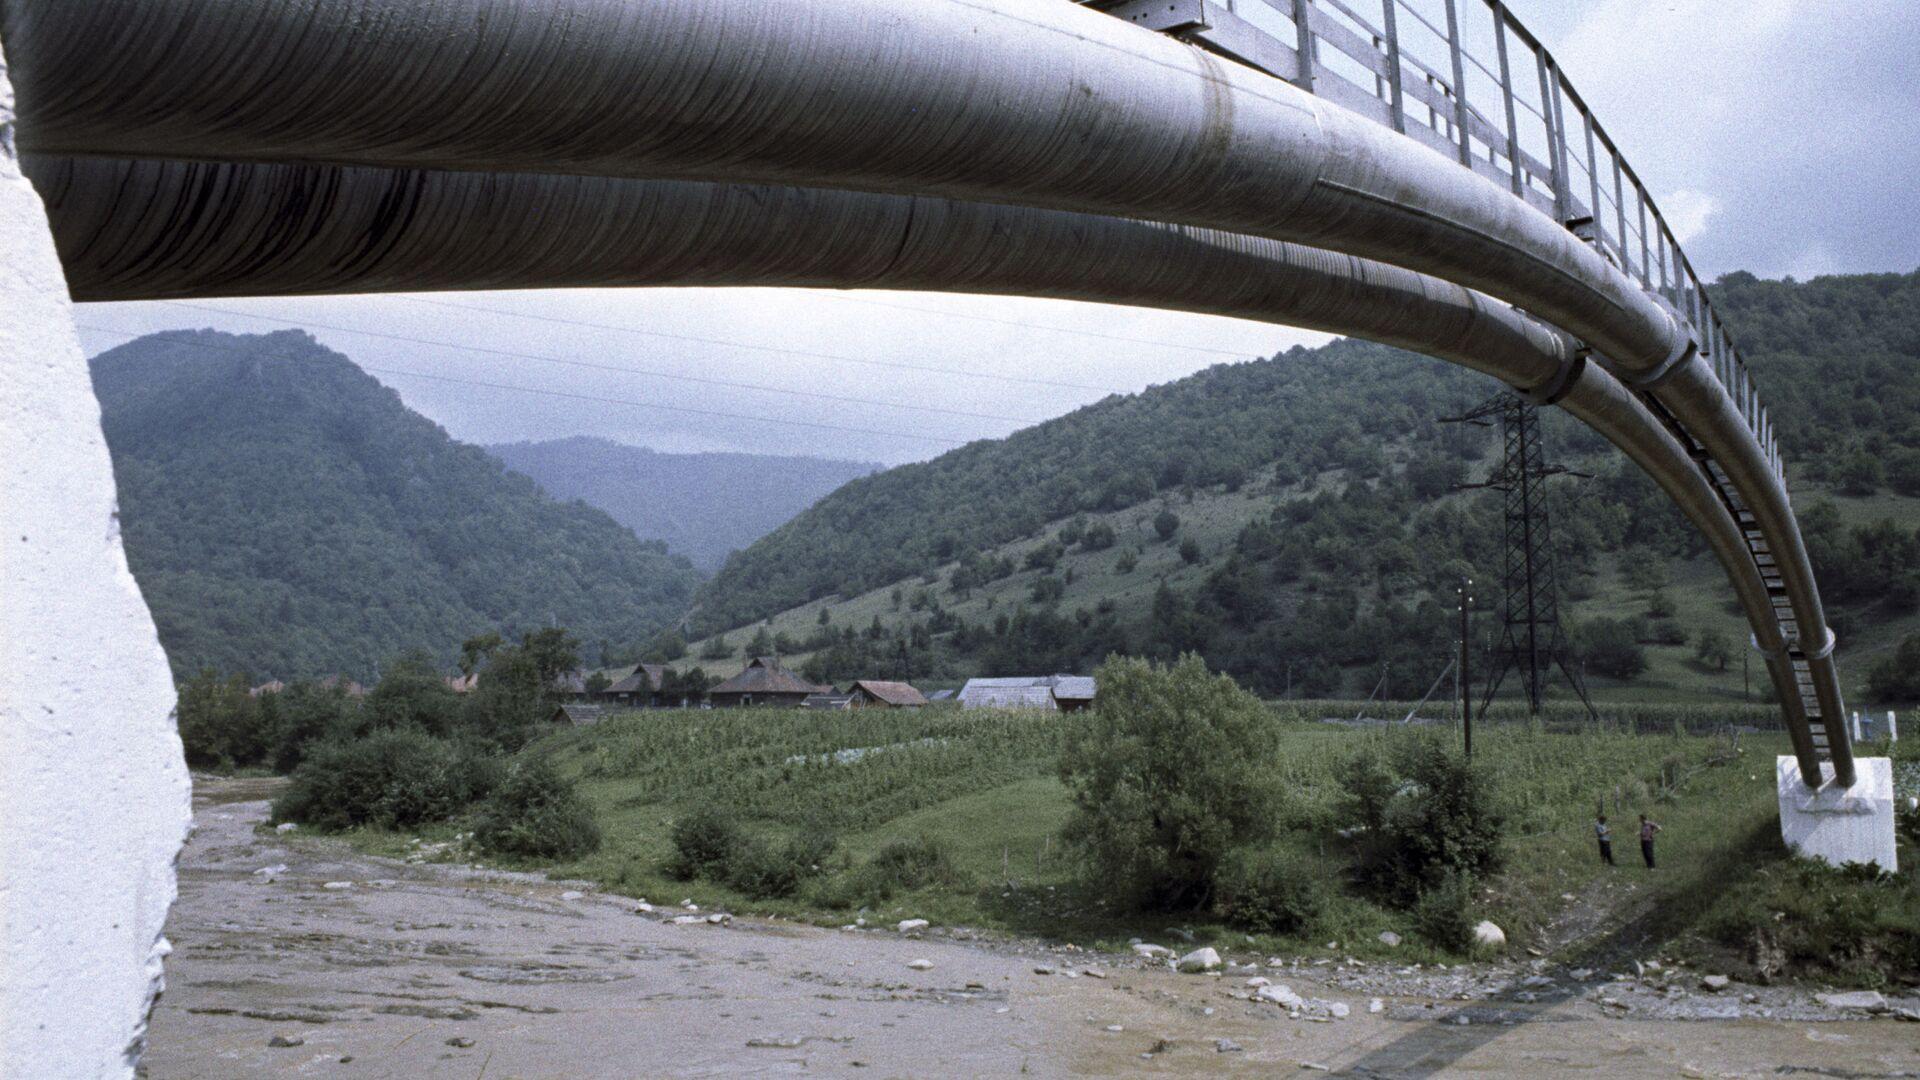 Gasovod kroz Ukrajinu - Sputnik Srbija, 1920, 19.09.2021